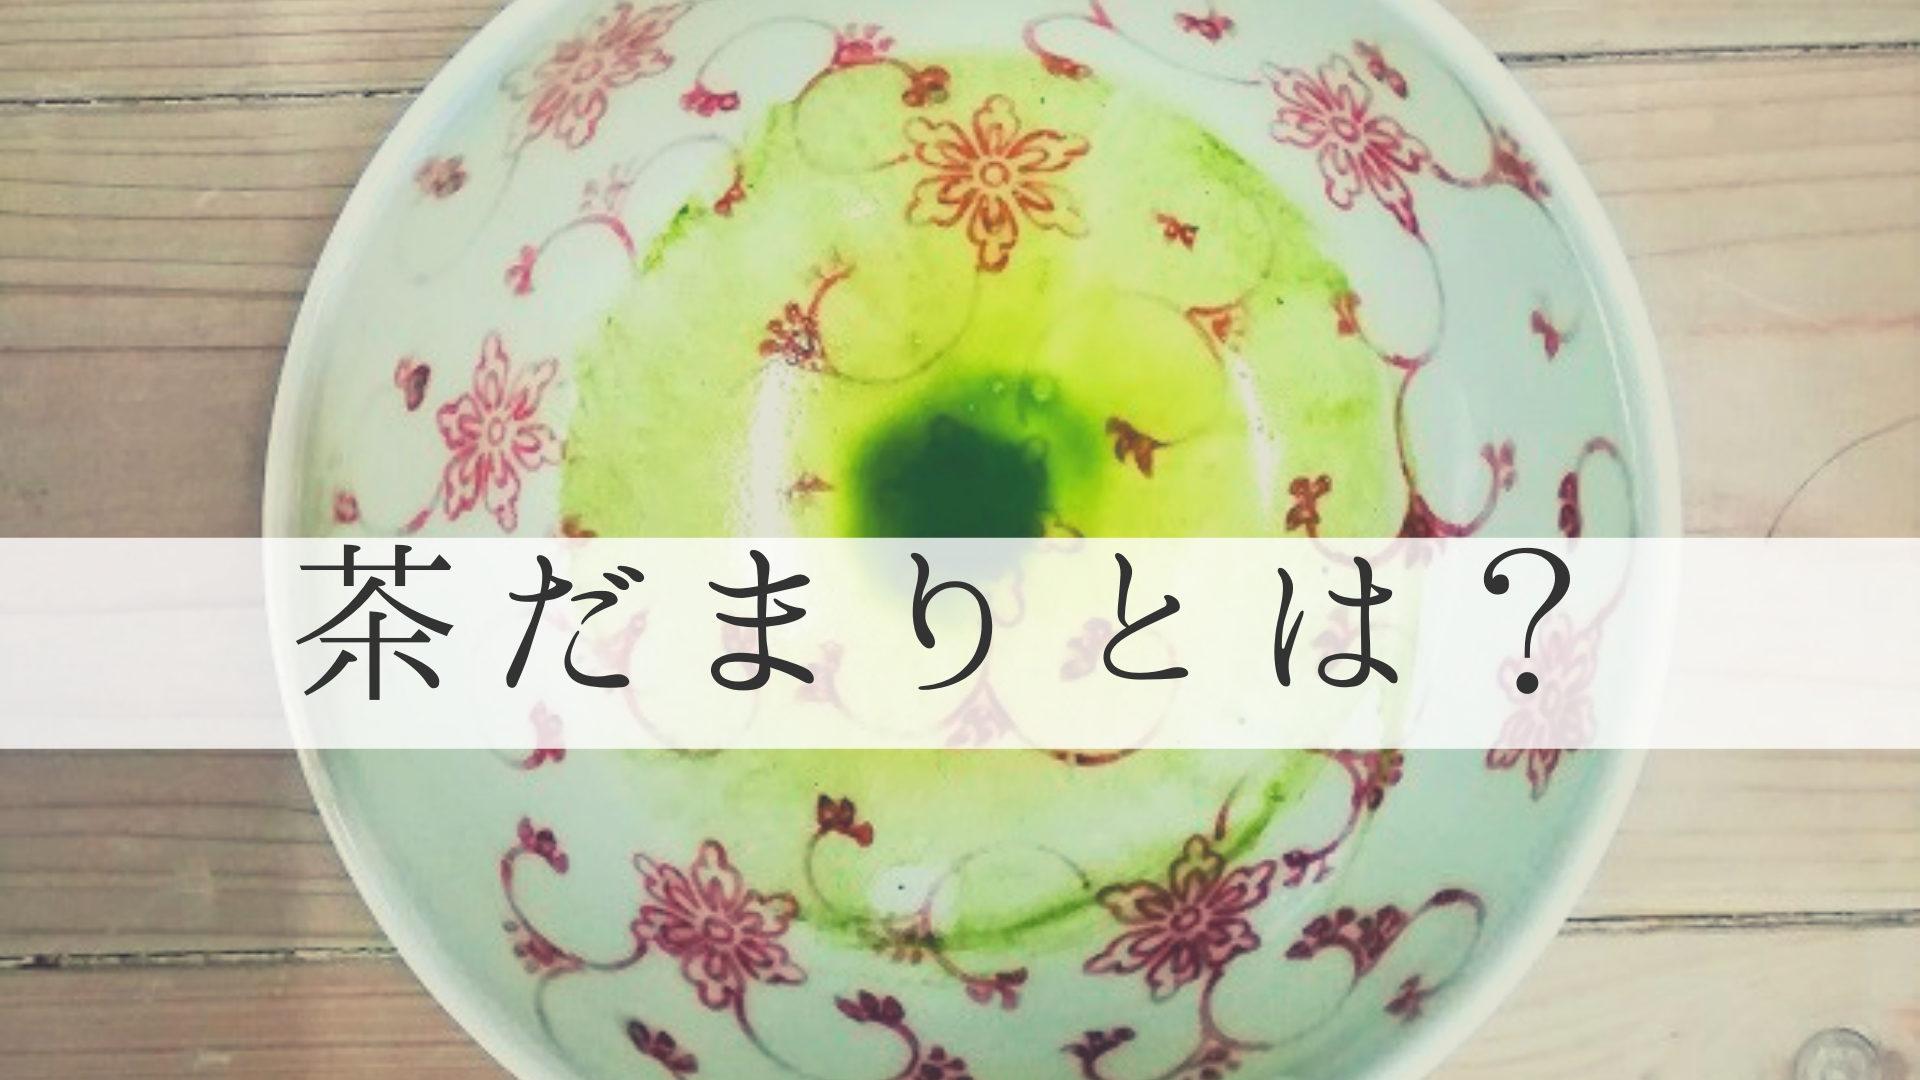 茶だまりのアイキャッチ画像